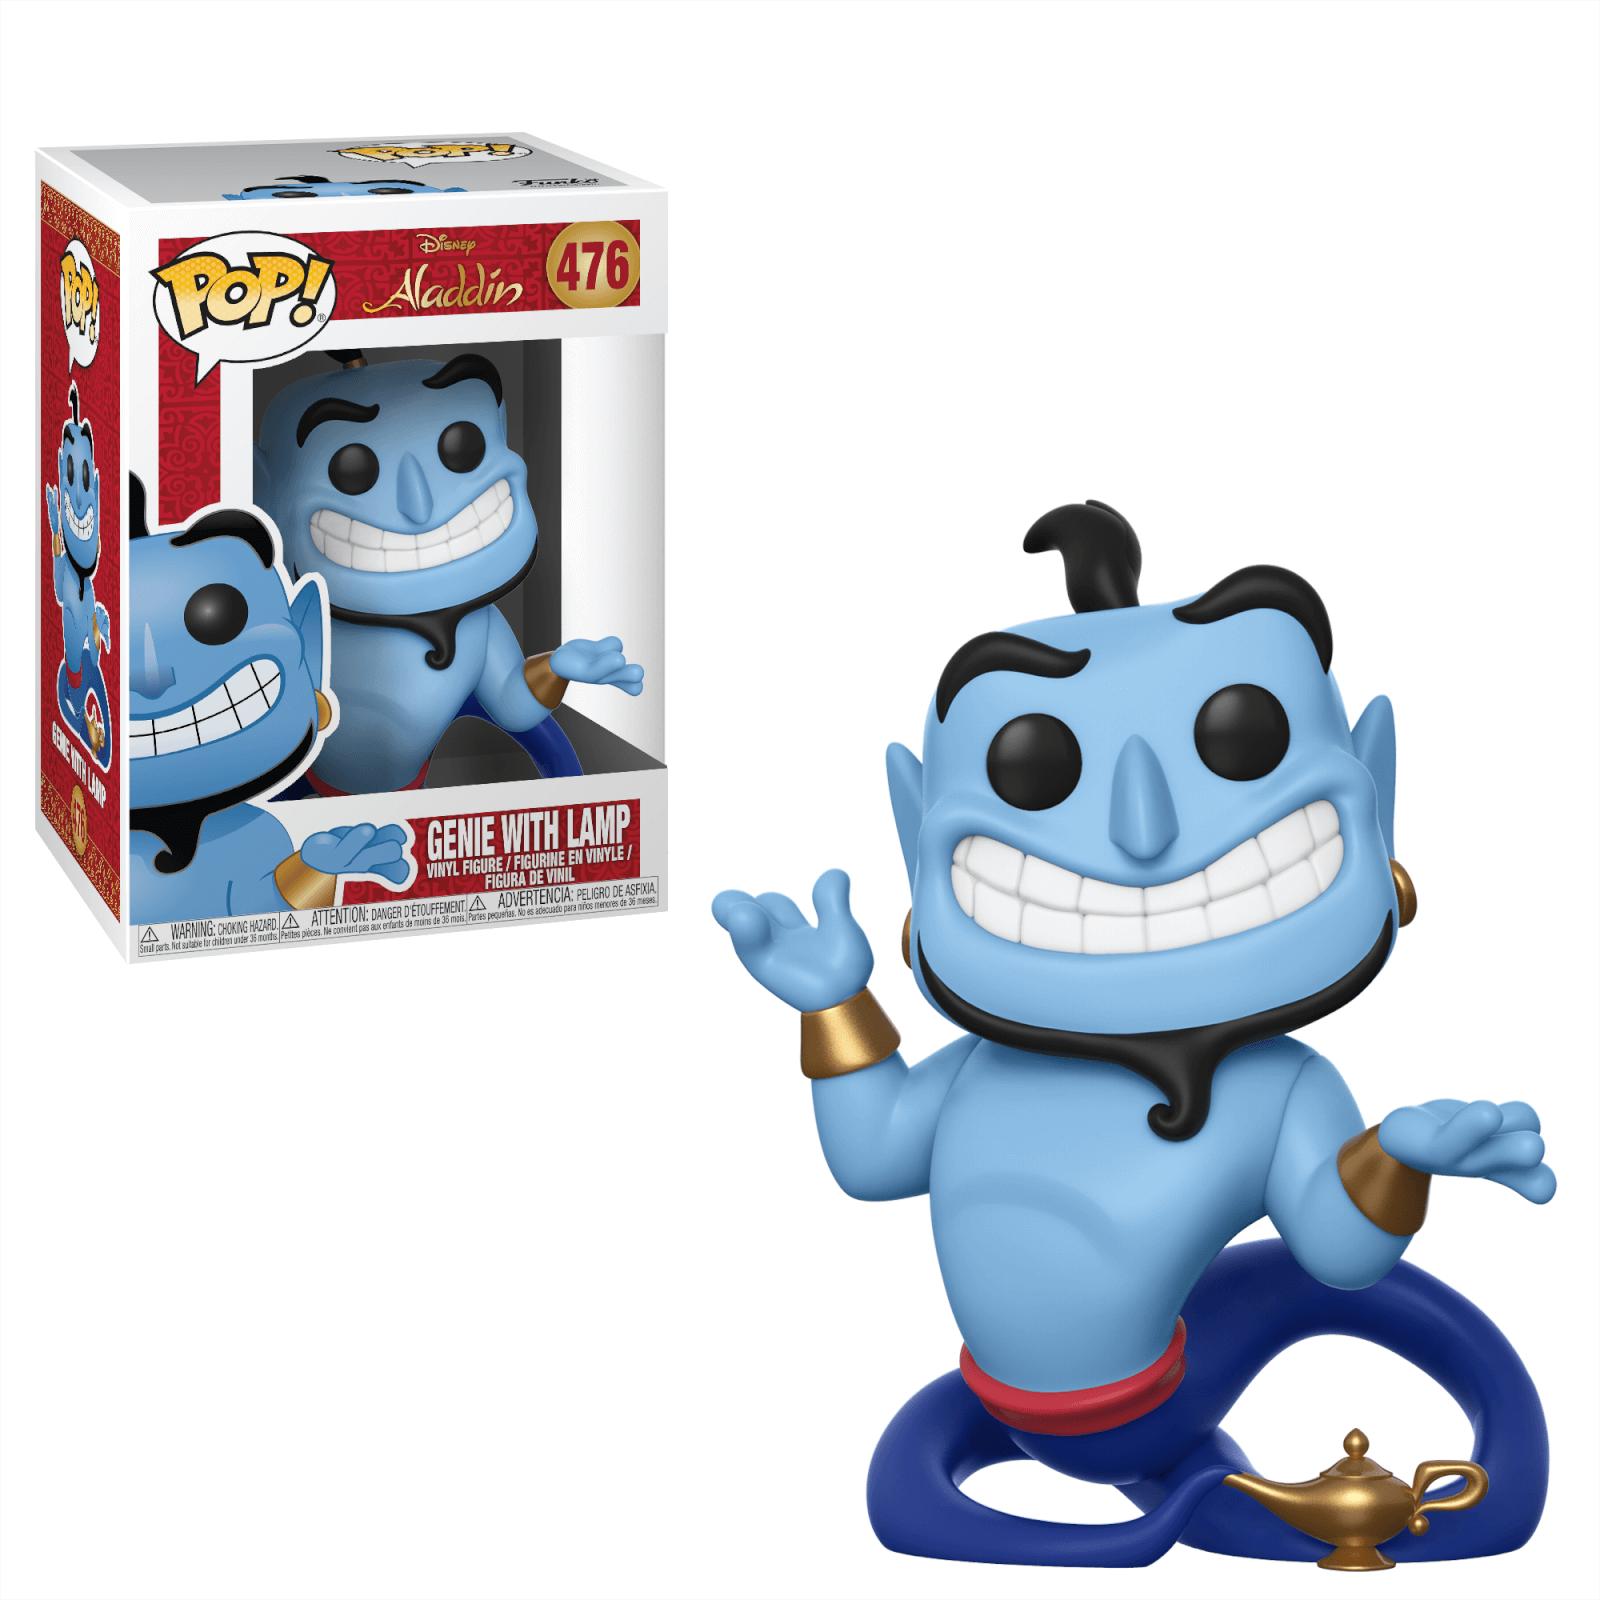 Funko Pop: Aladdin - Genie with Lamp